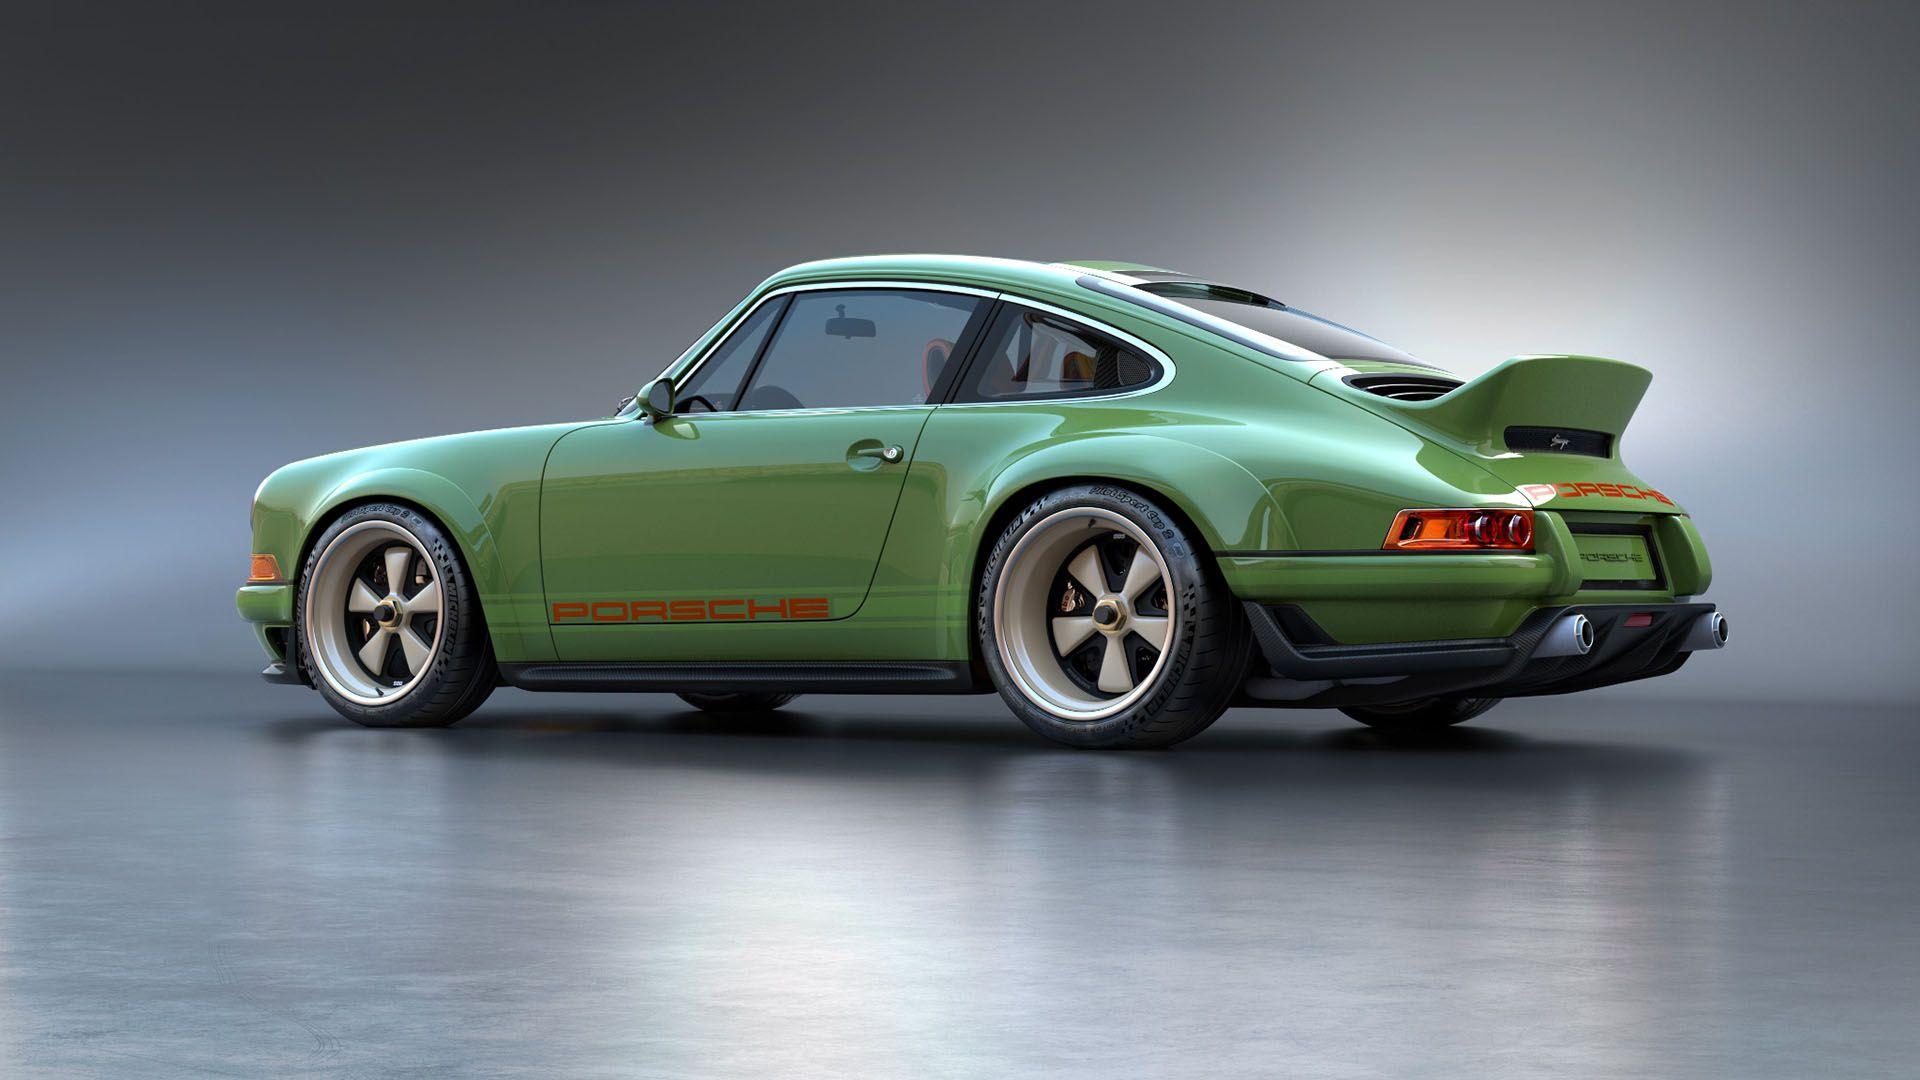 Singer Porsche Porsche 964 Porsche 911